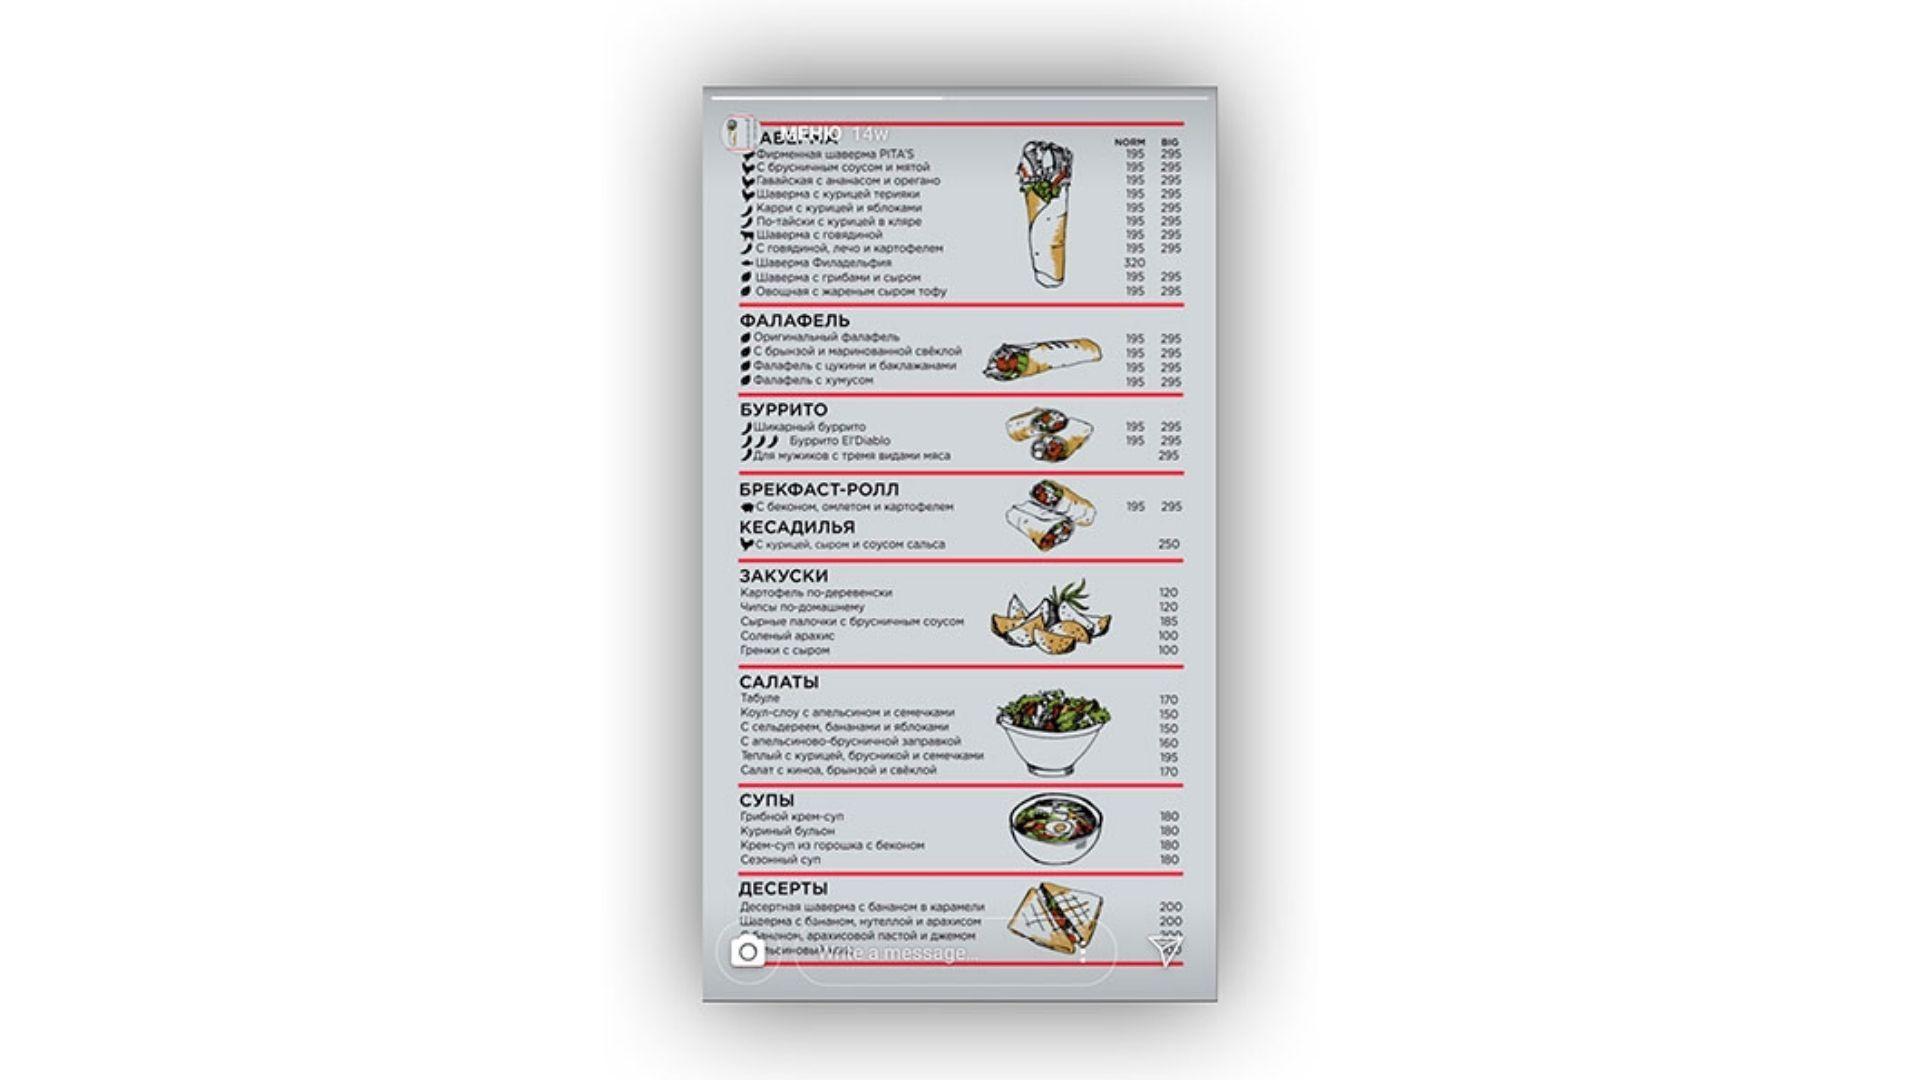 Здесь меню разместилось на одном слайде, иногда показывают отдельные блюда на отдельных Историях